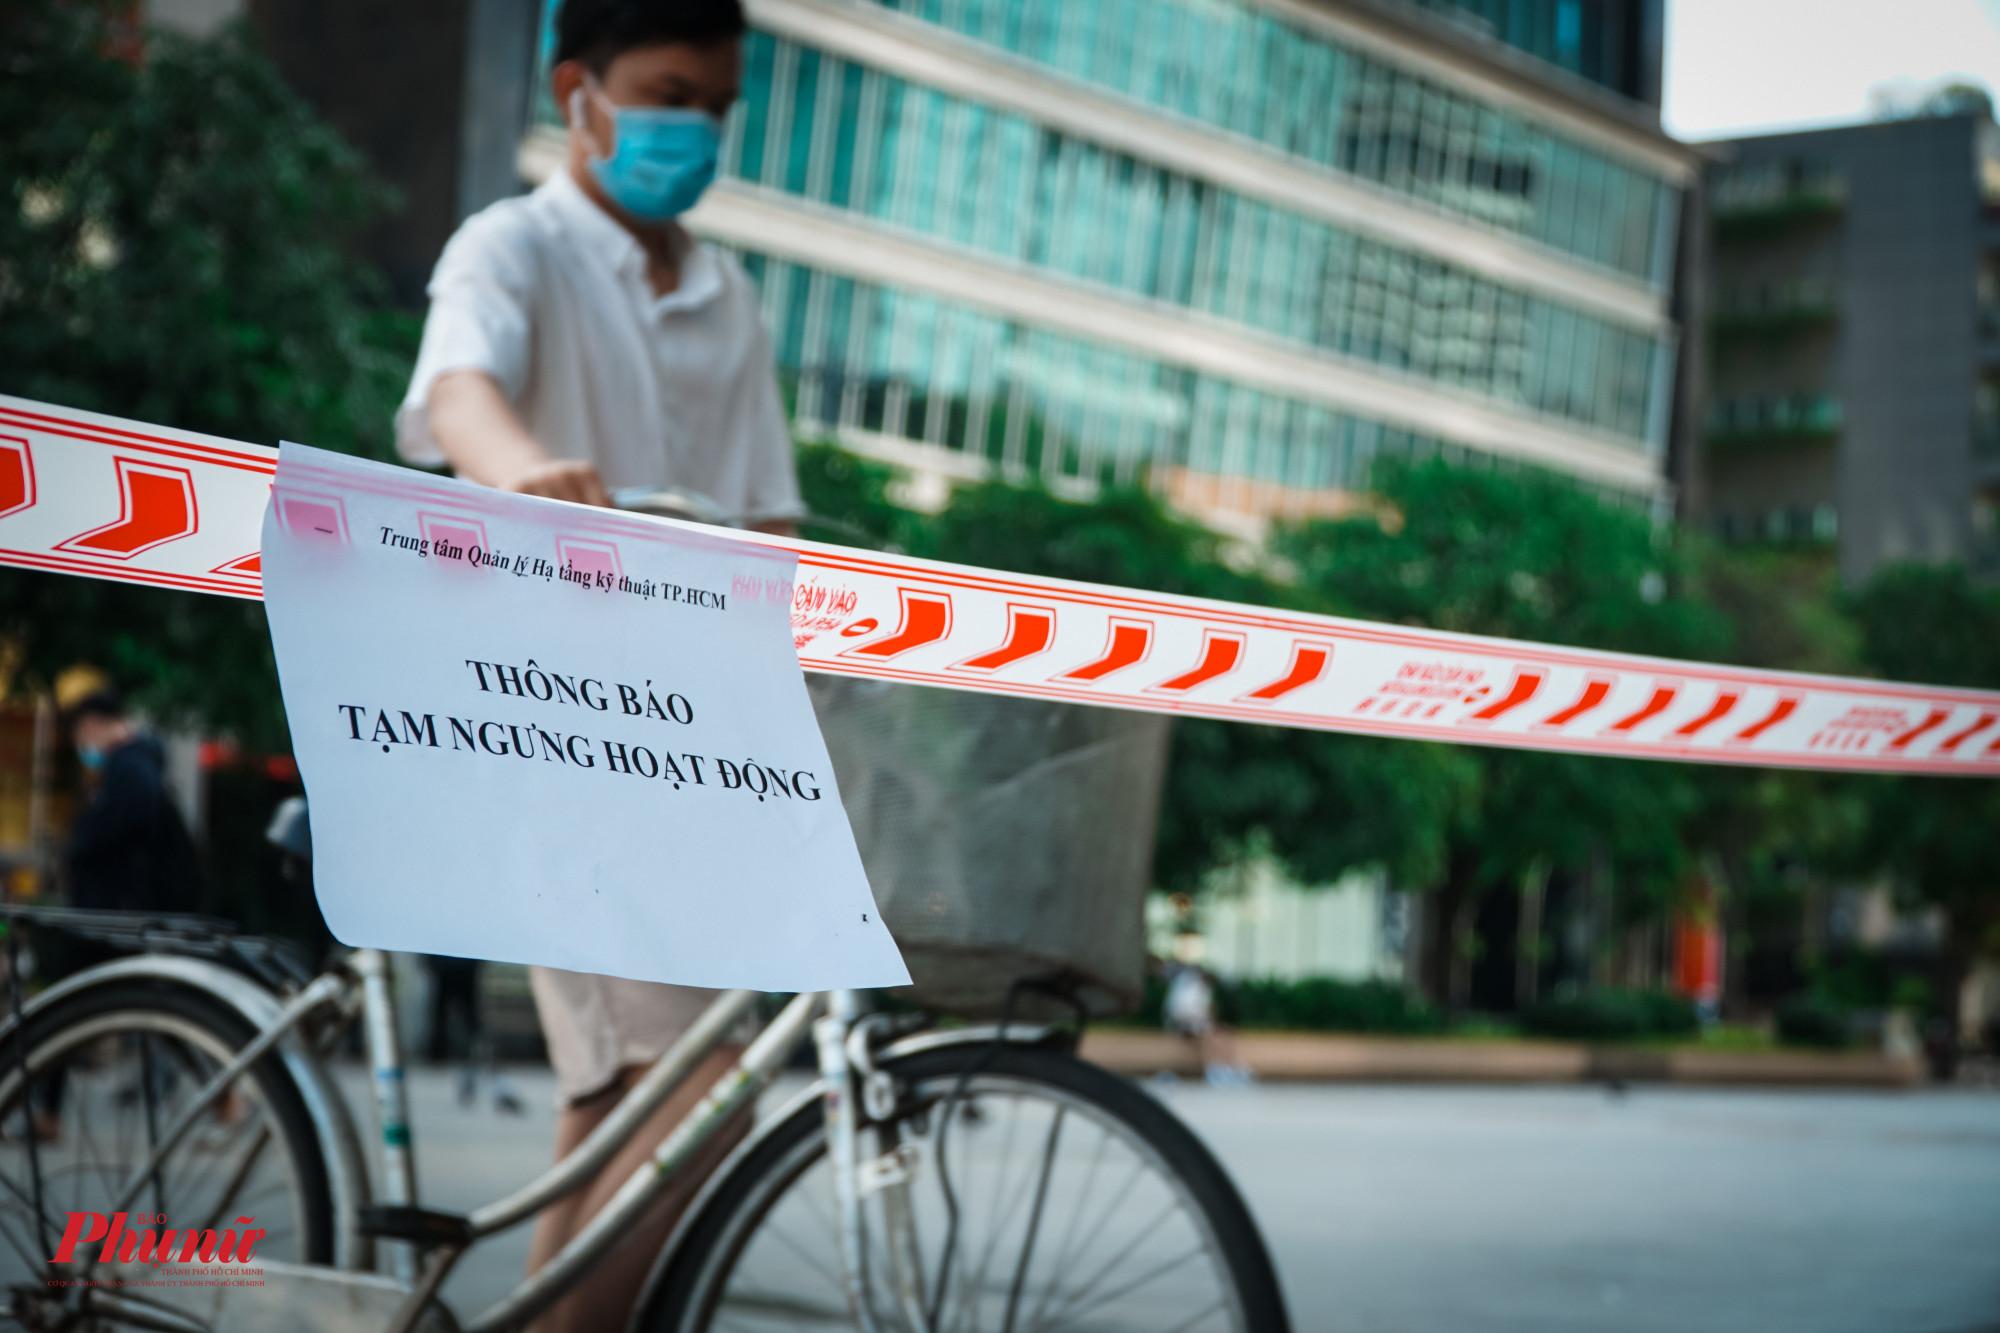 Người đàn ông cố tình mang cả xe đạp vào phố đi bộ